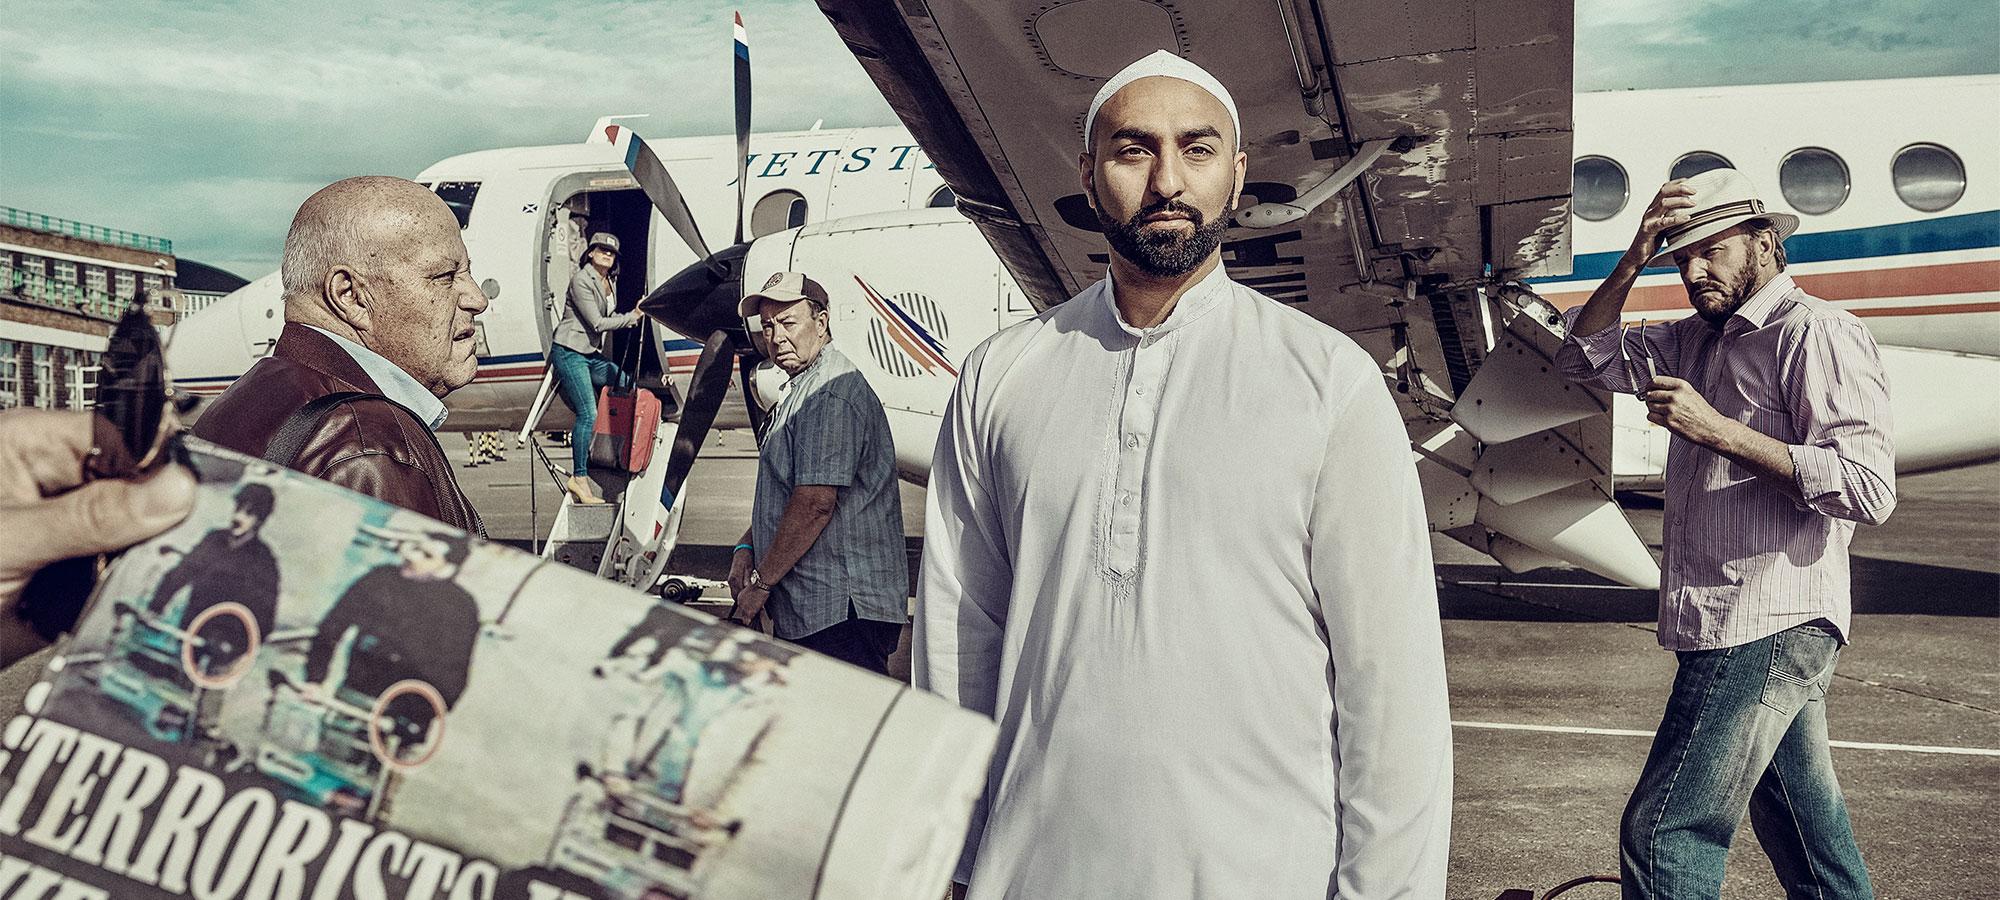 Islamaphobia-Plane-Sane-Seven